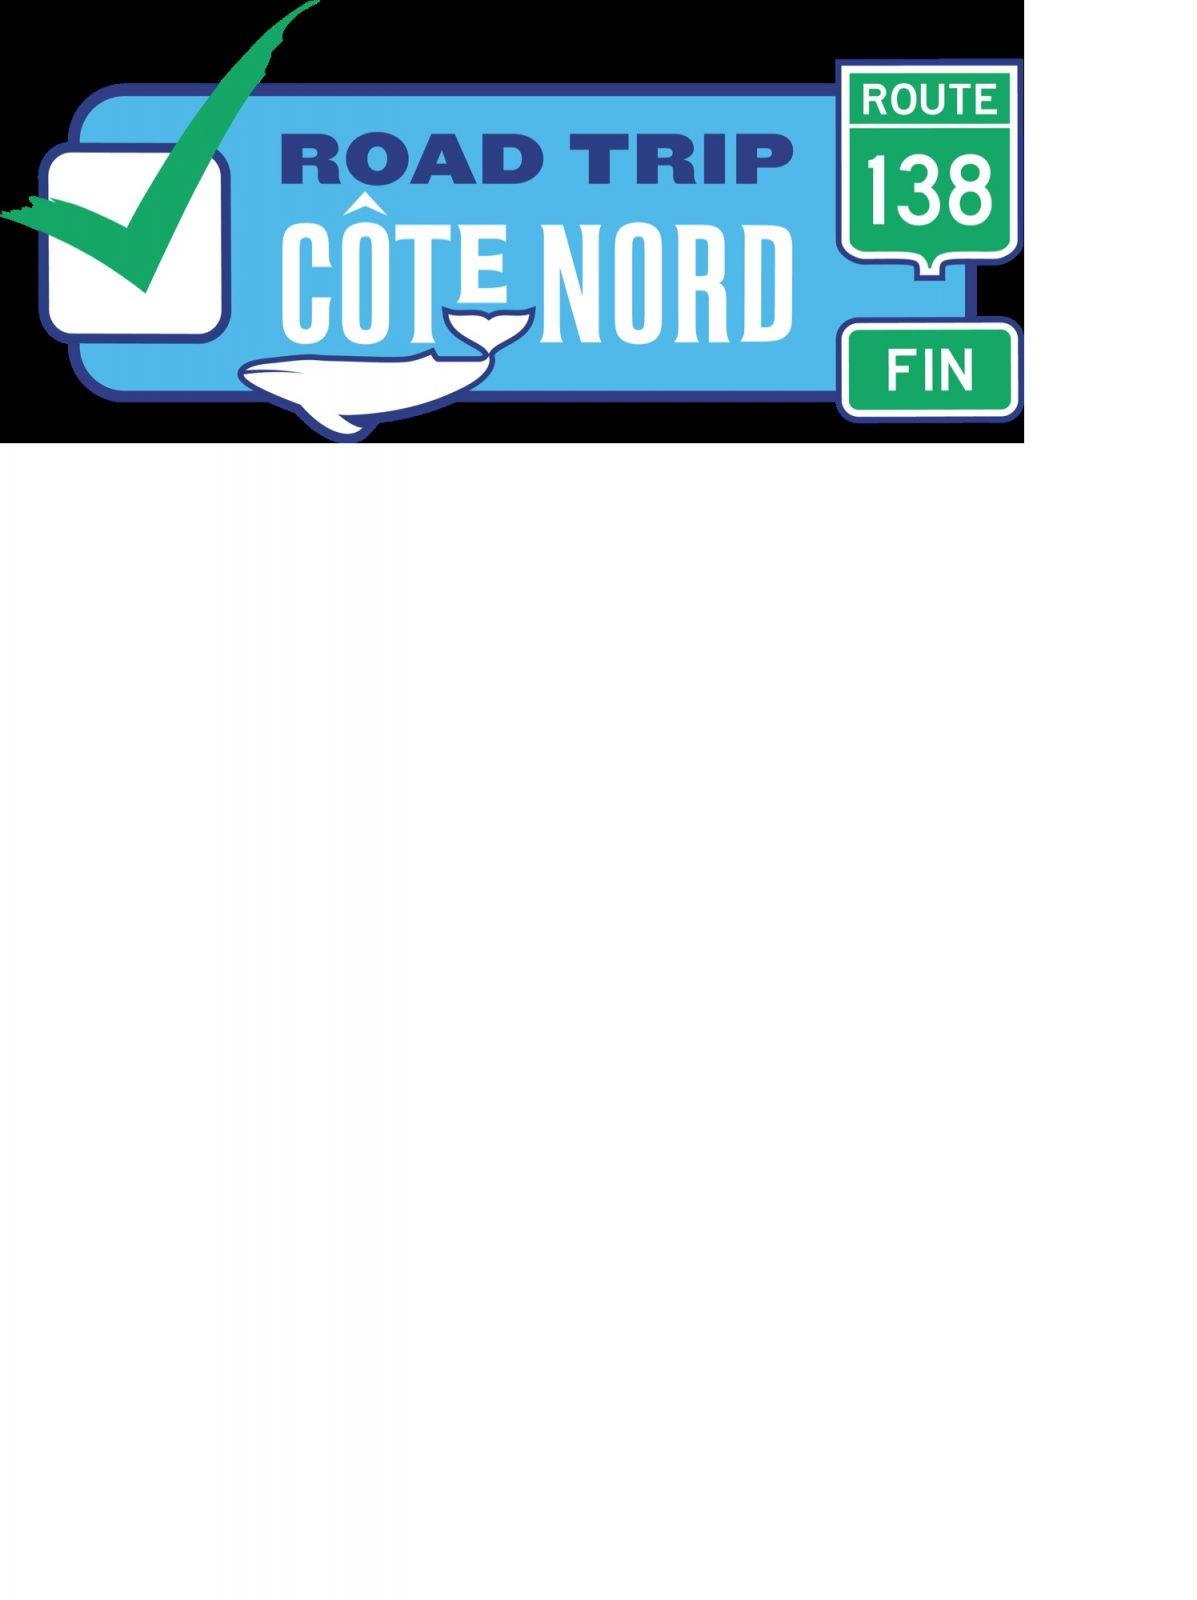 Tourisme Côte-Nord lance la campagne « Vos coups de cœur – Road Trip Côte-Nord »